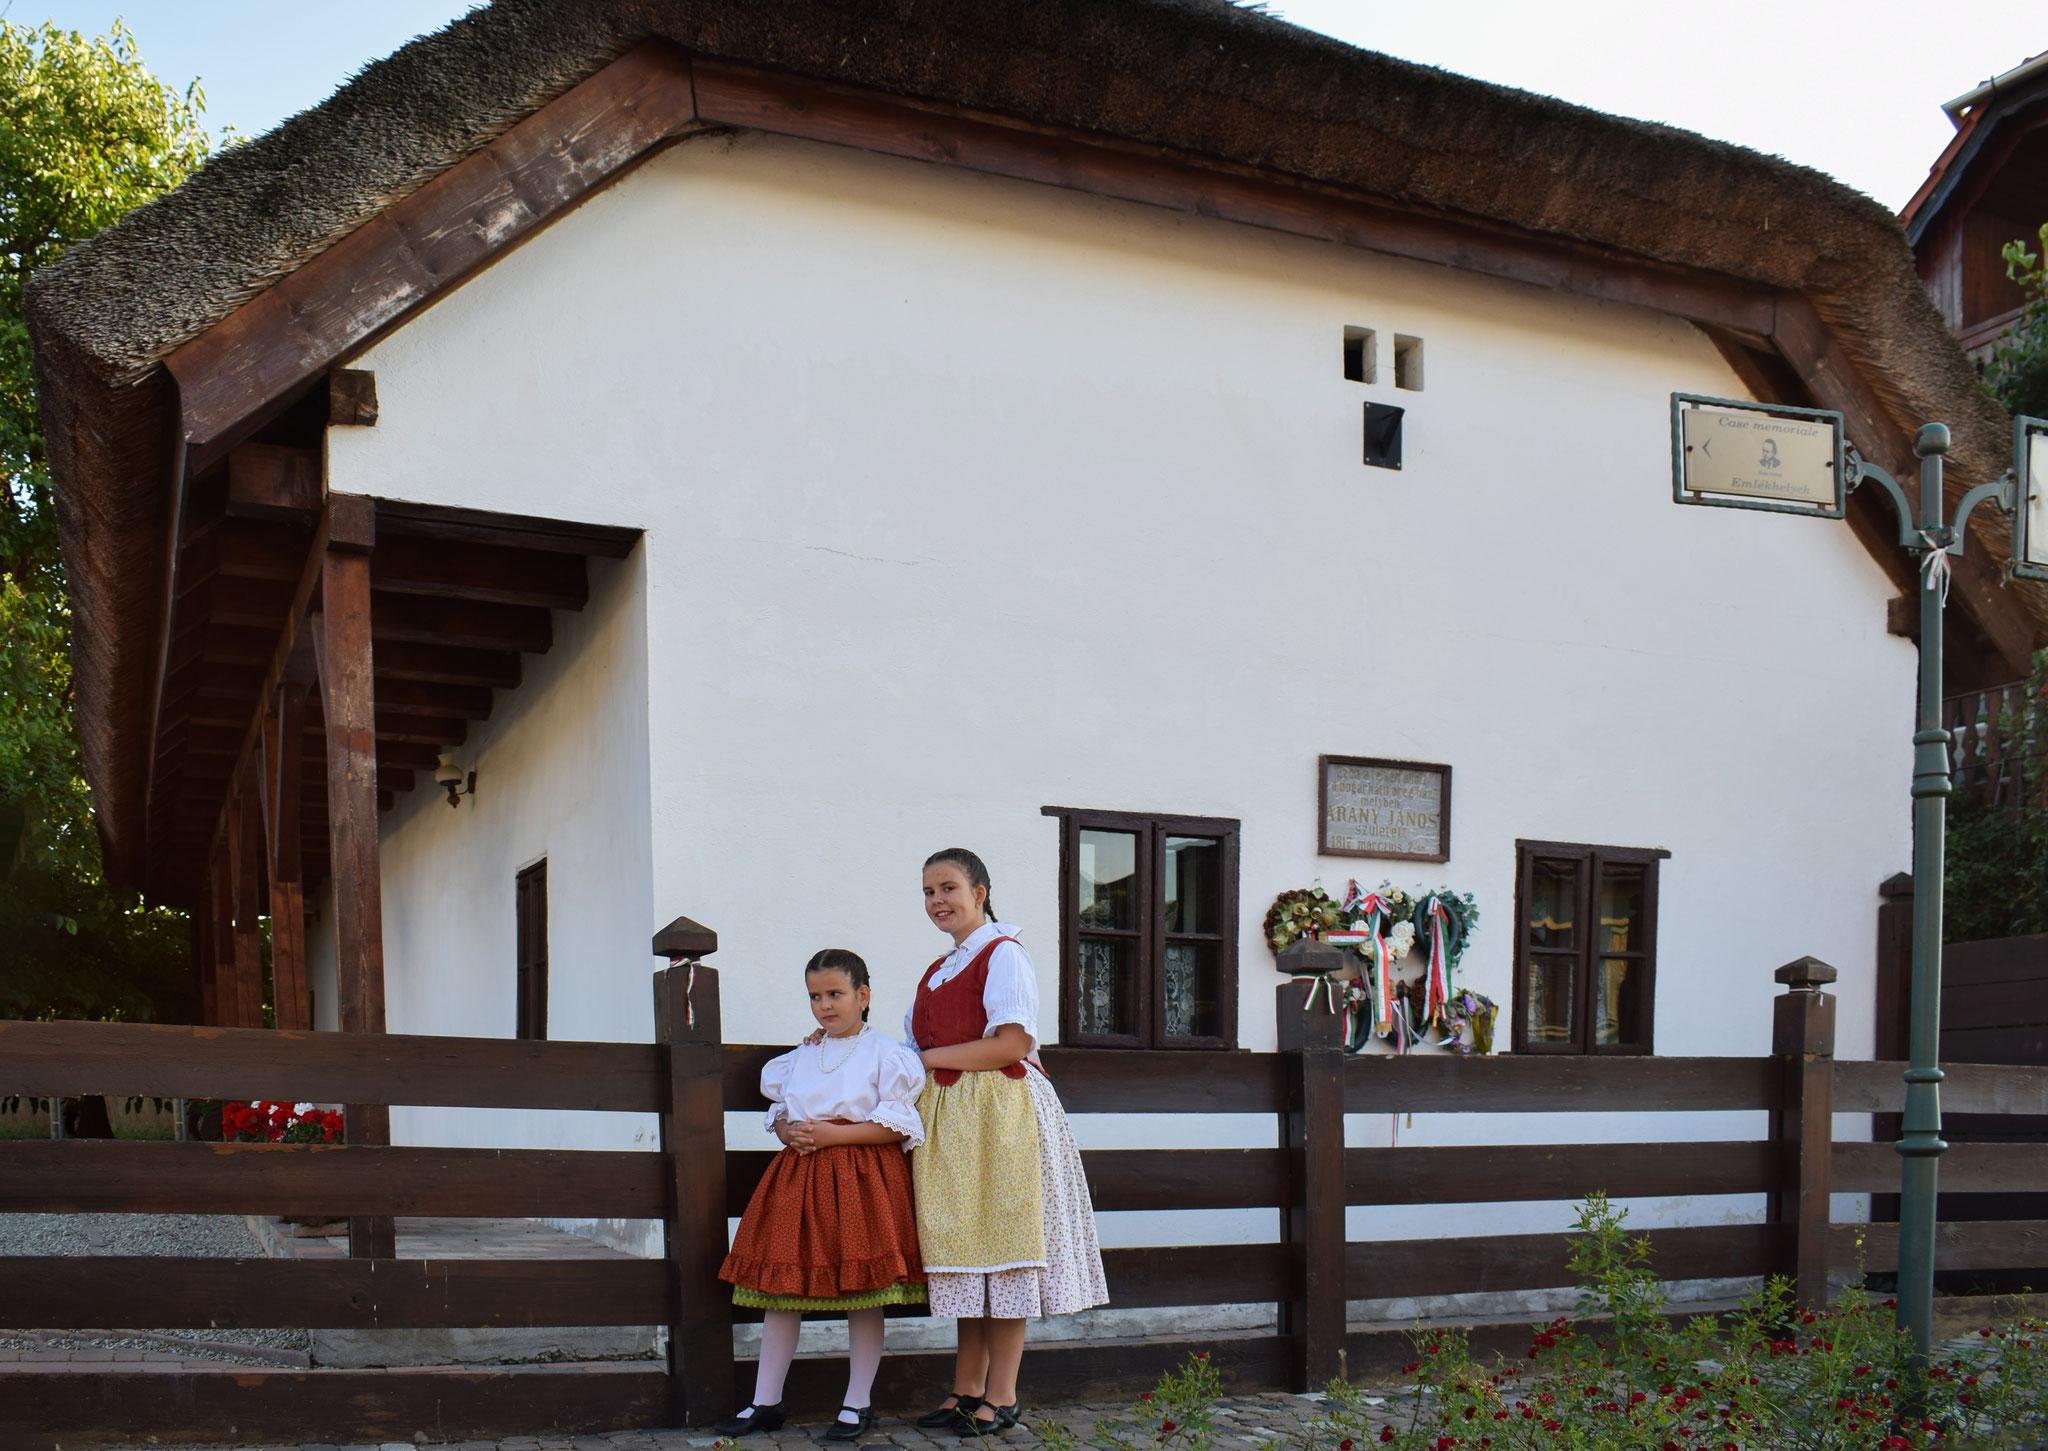 Foto: Szegi Anikó (Salonta/ Szalonta)